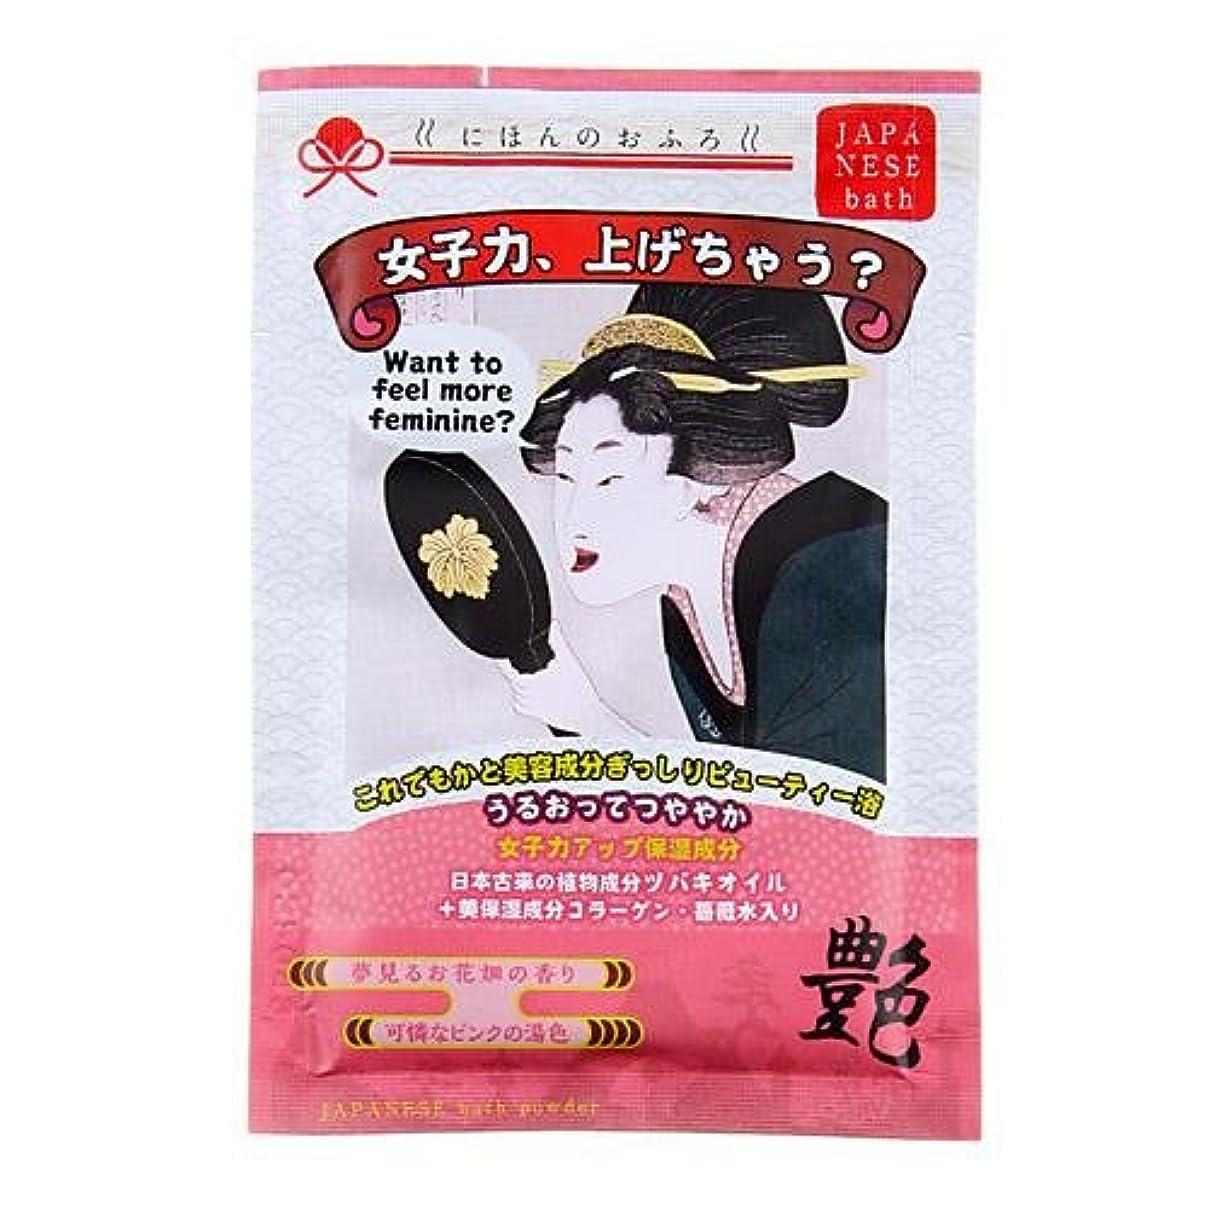 絞る自己干渉日本のお風呂 「女子力、上げちゃう?」 10個セット